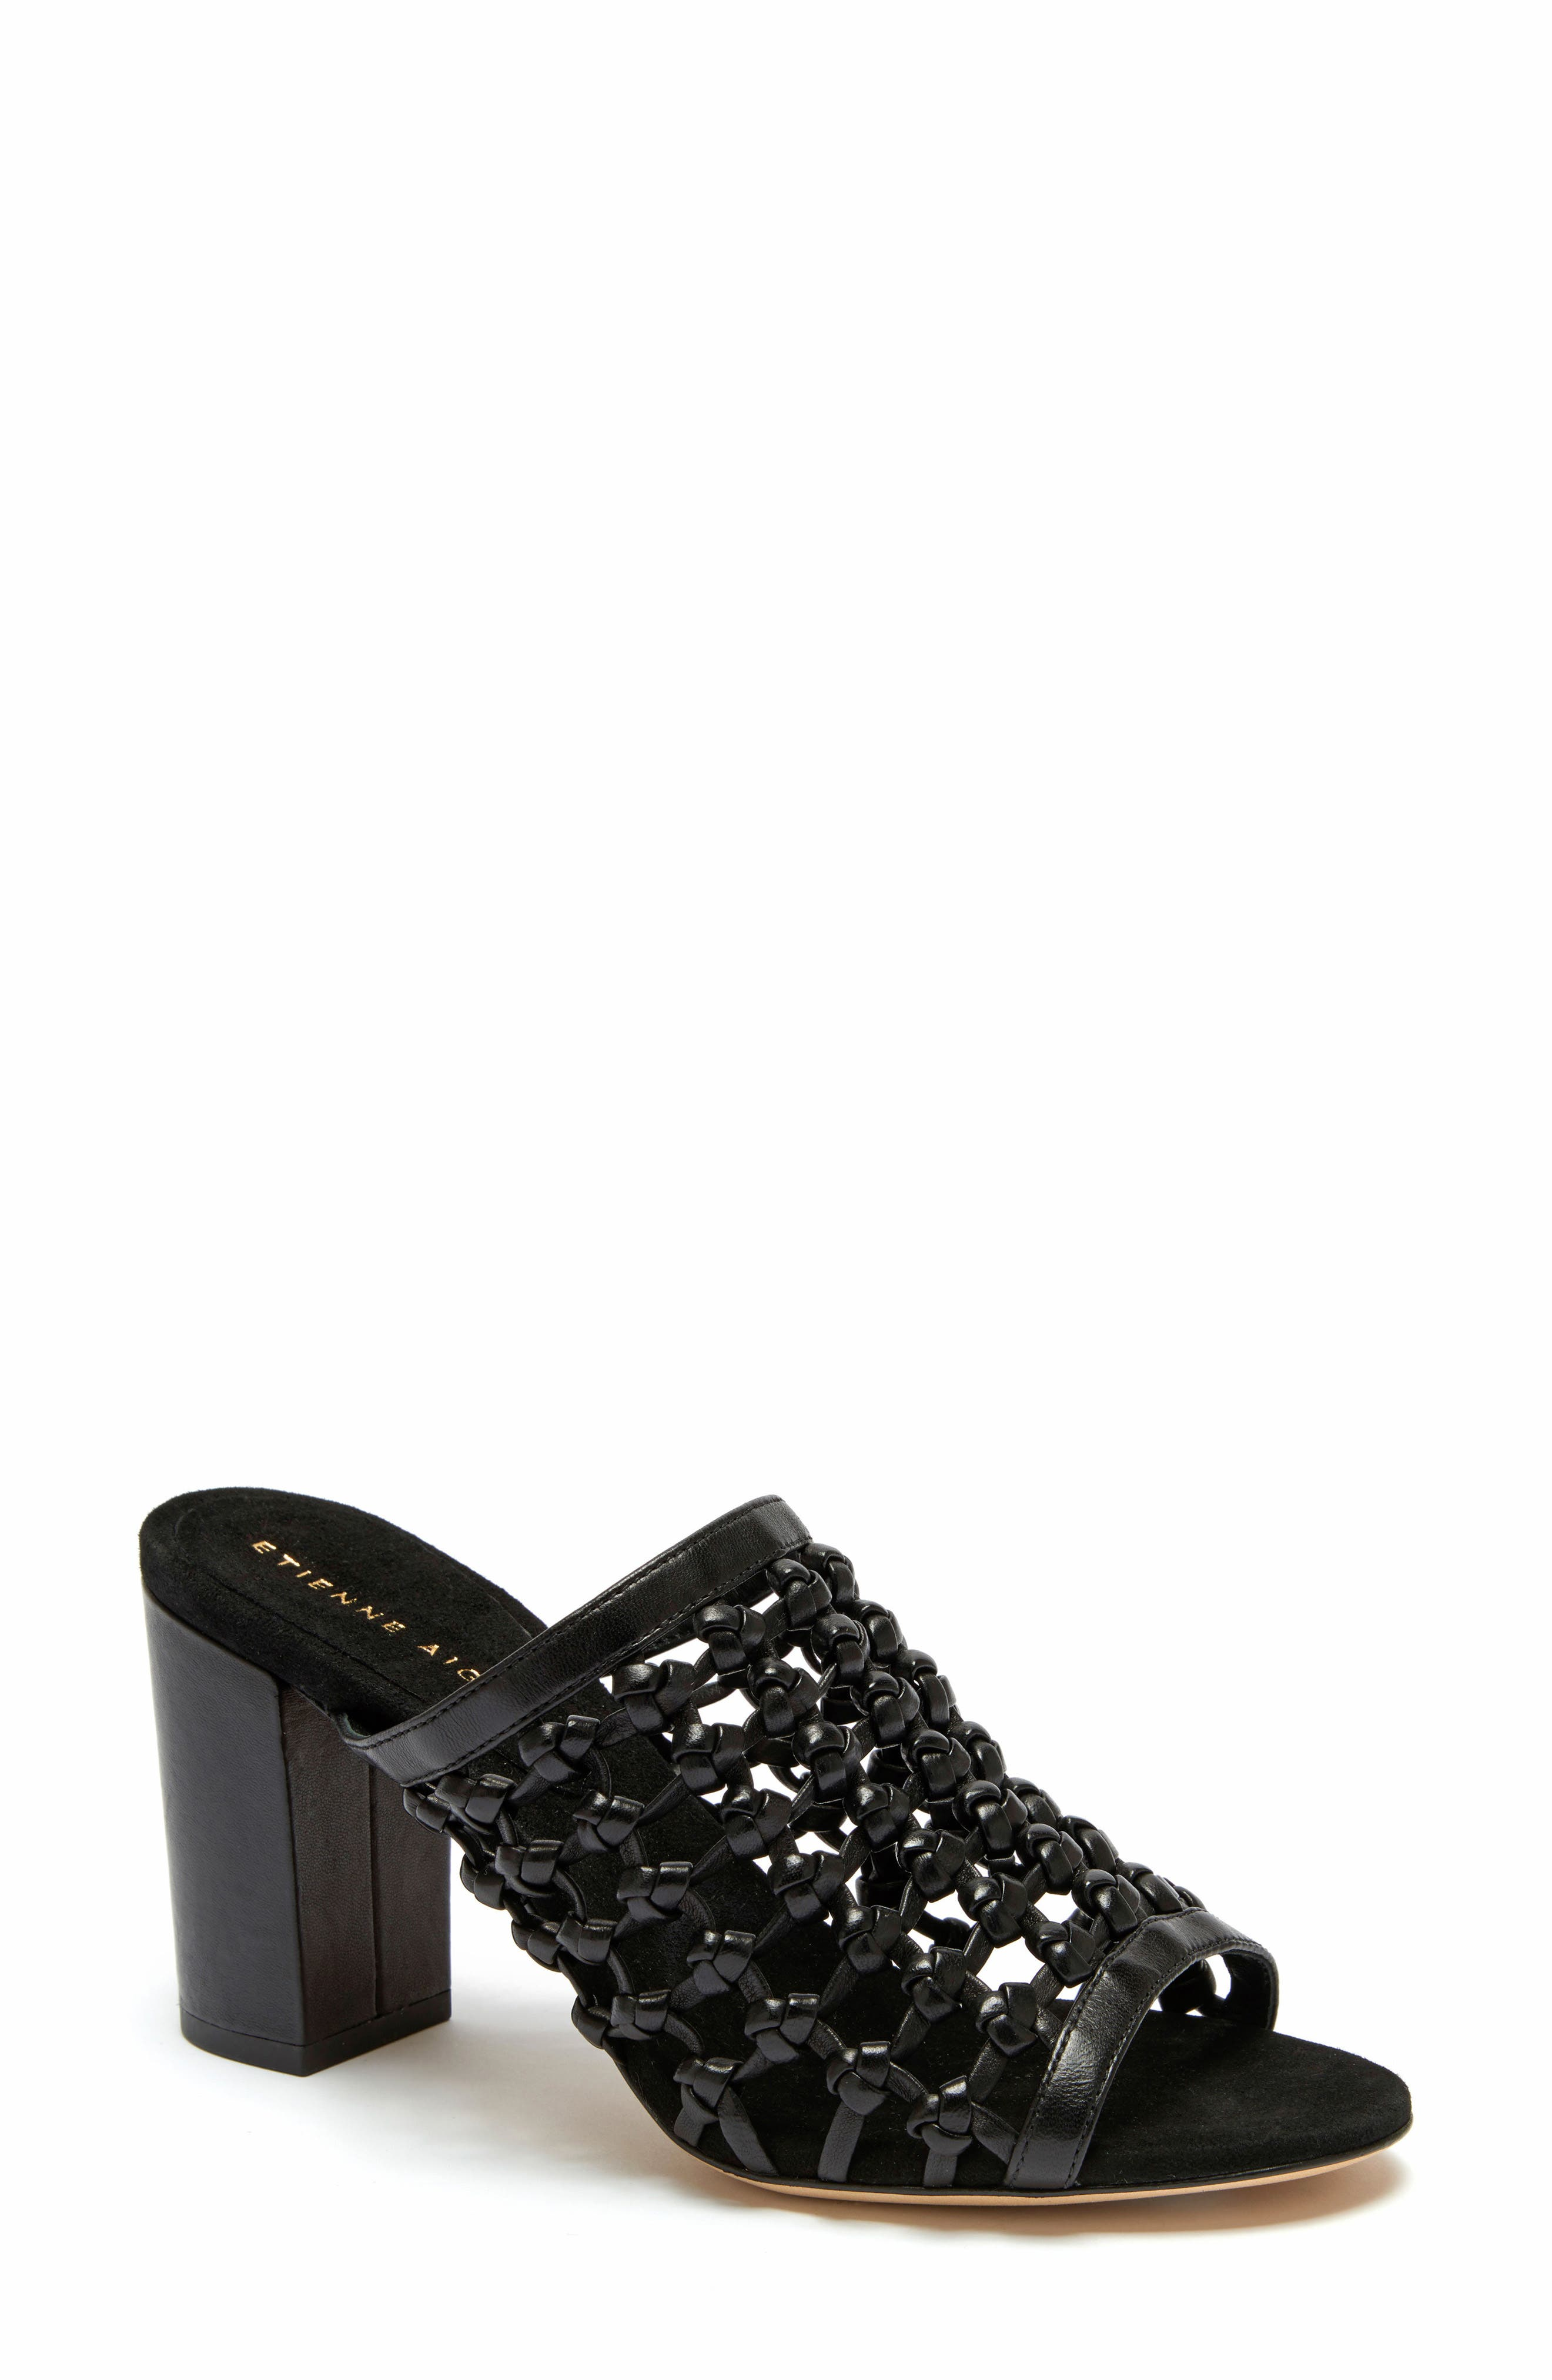 Lanai Sandal,                             Main thumbnail 1, color,                             Black Leather